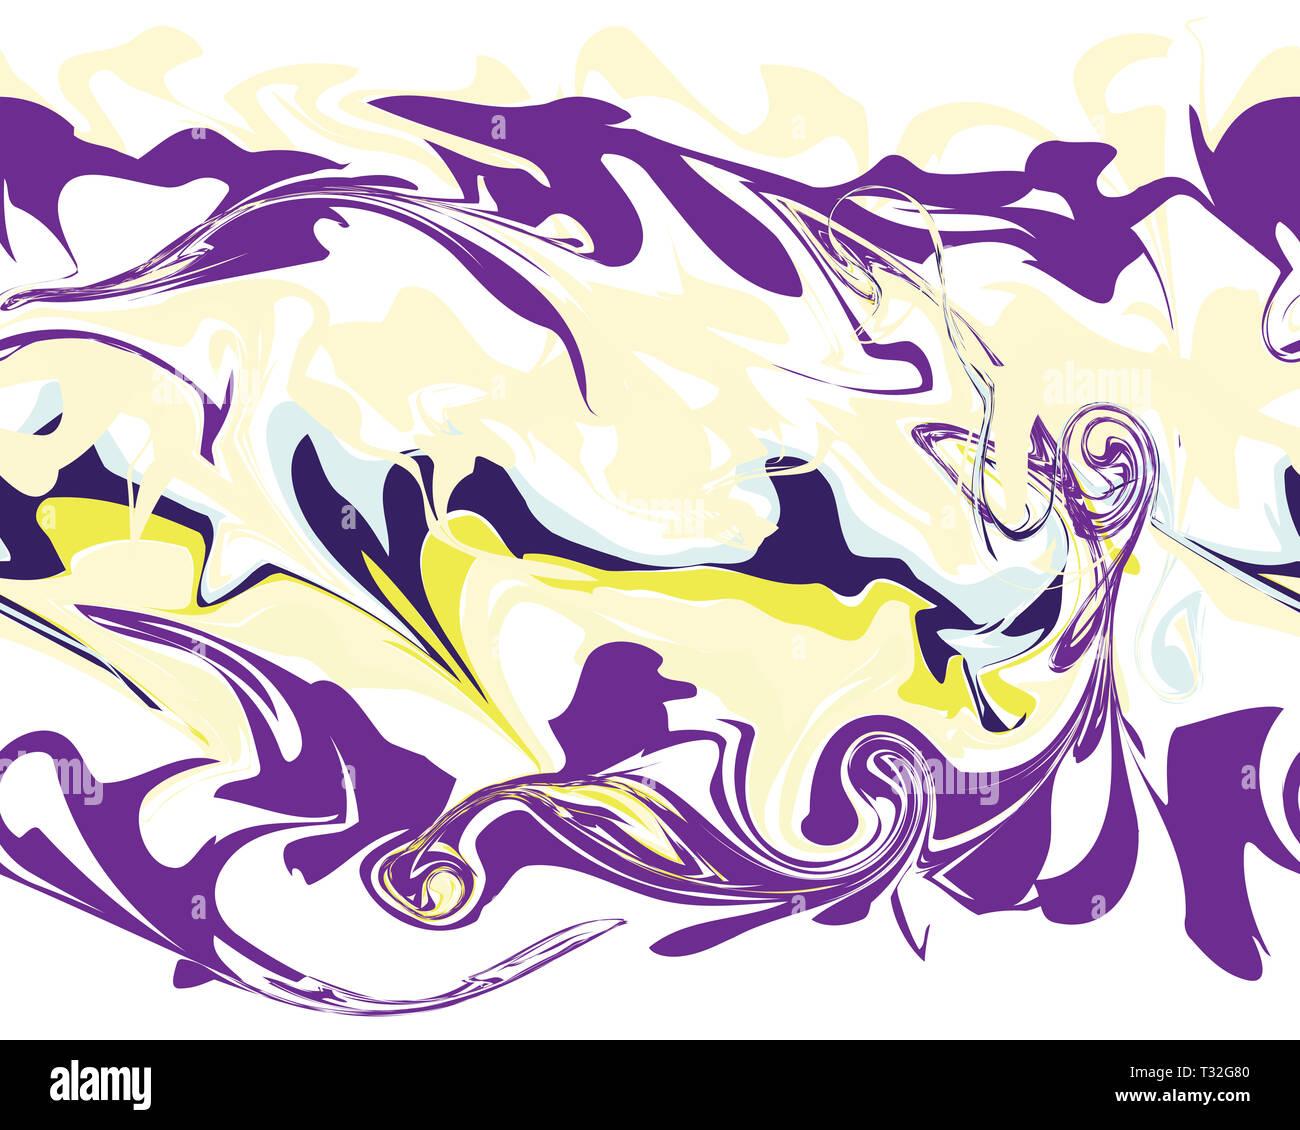 Carta Da Parati Modelli.Mardi Gras Linea Seamless Pattern In Marmo Illustrazione Ideale